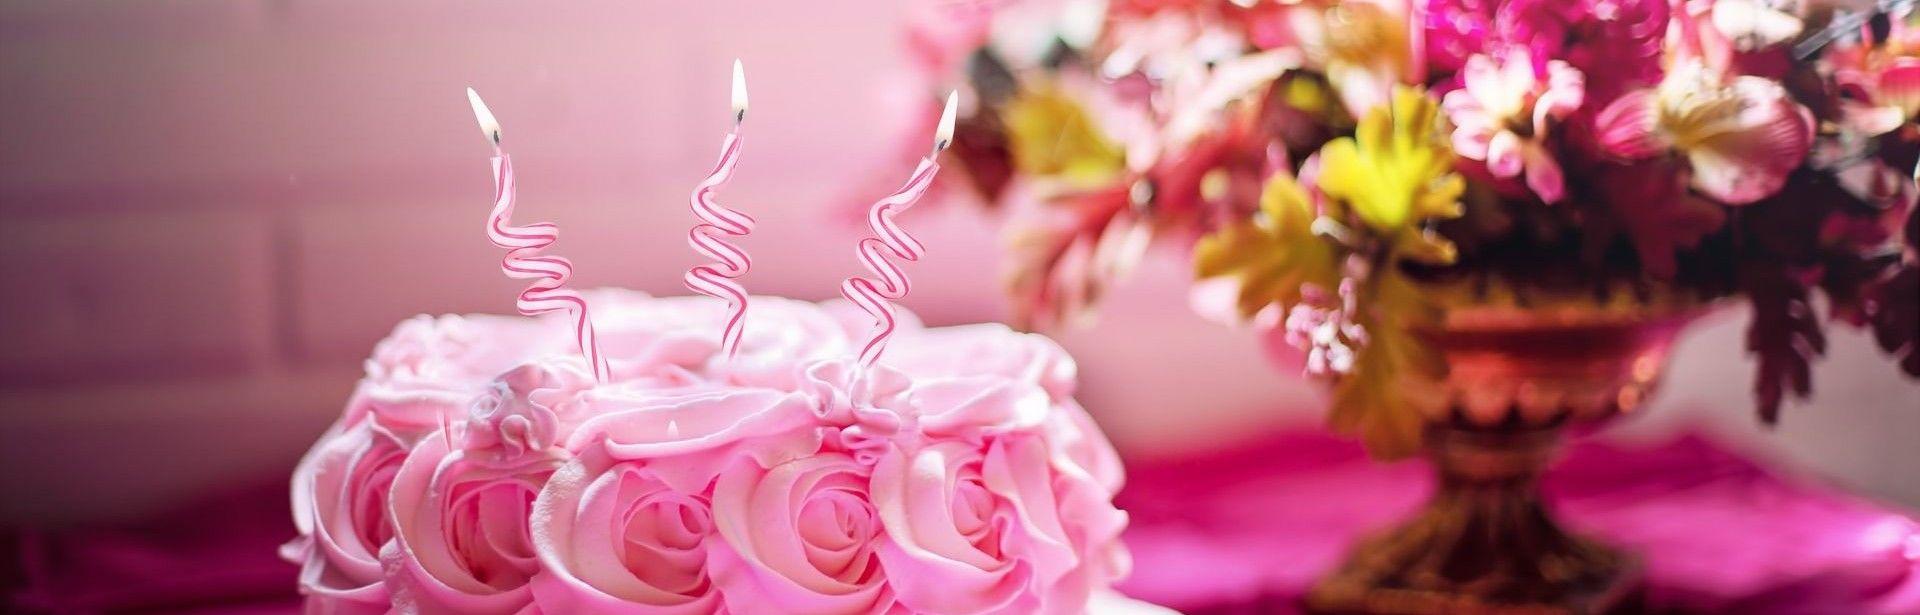 Chef zahlt Geburtstag